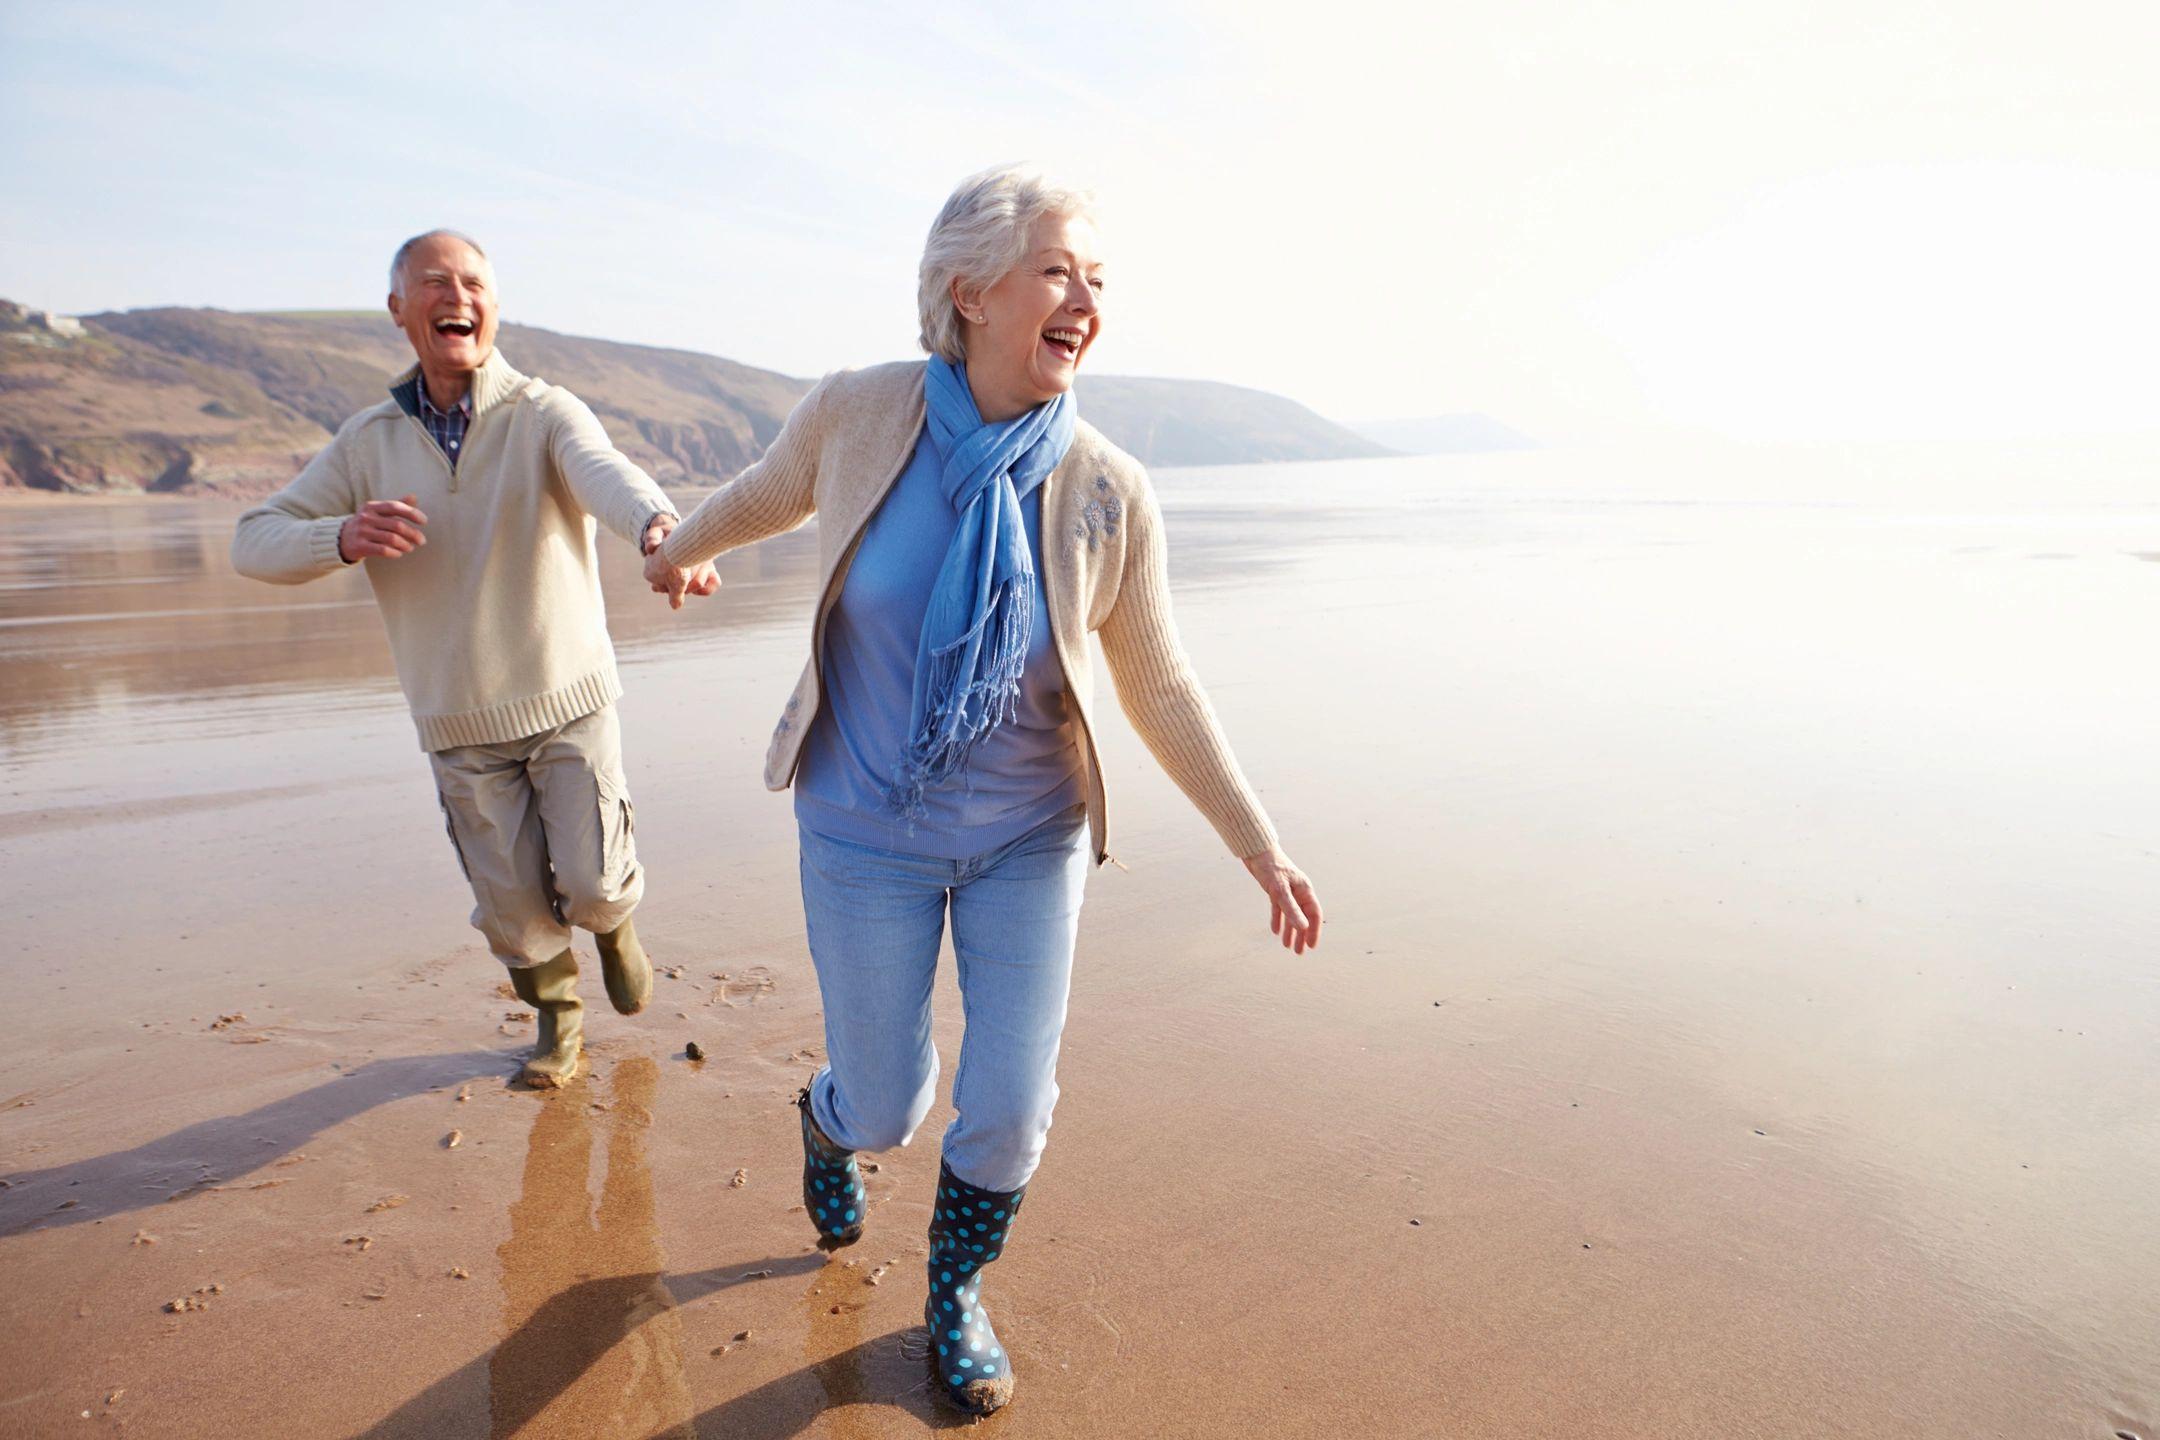 New Study: Vitamin D & Light Exercise Prevents Falls For Elderly